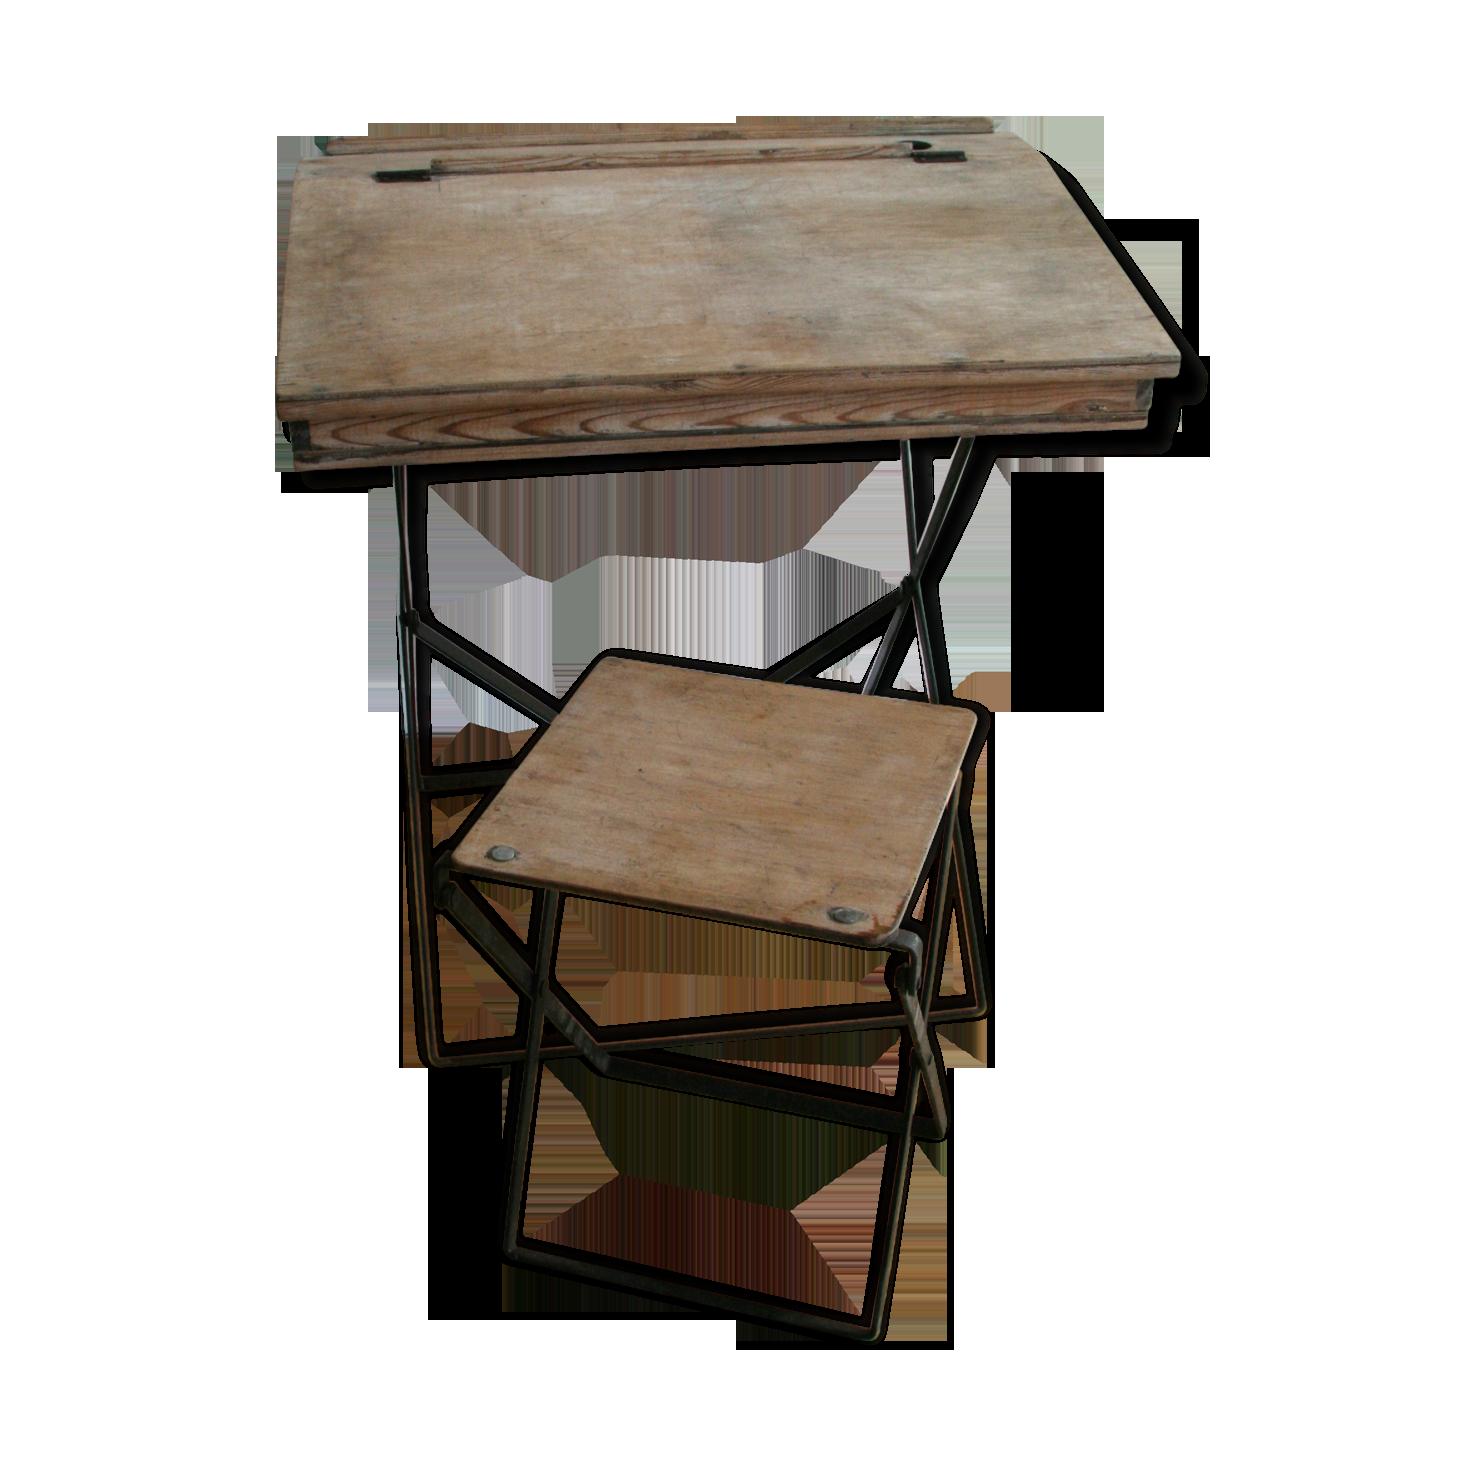 Bureau pupitre et son tabouret vers bois matériau